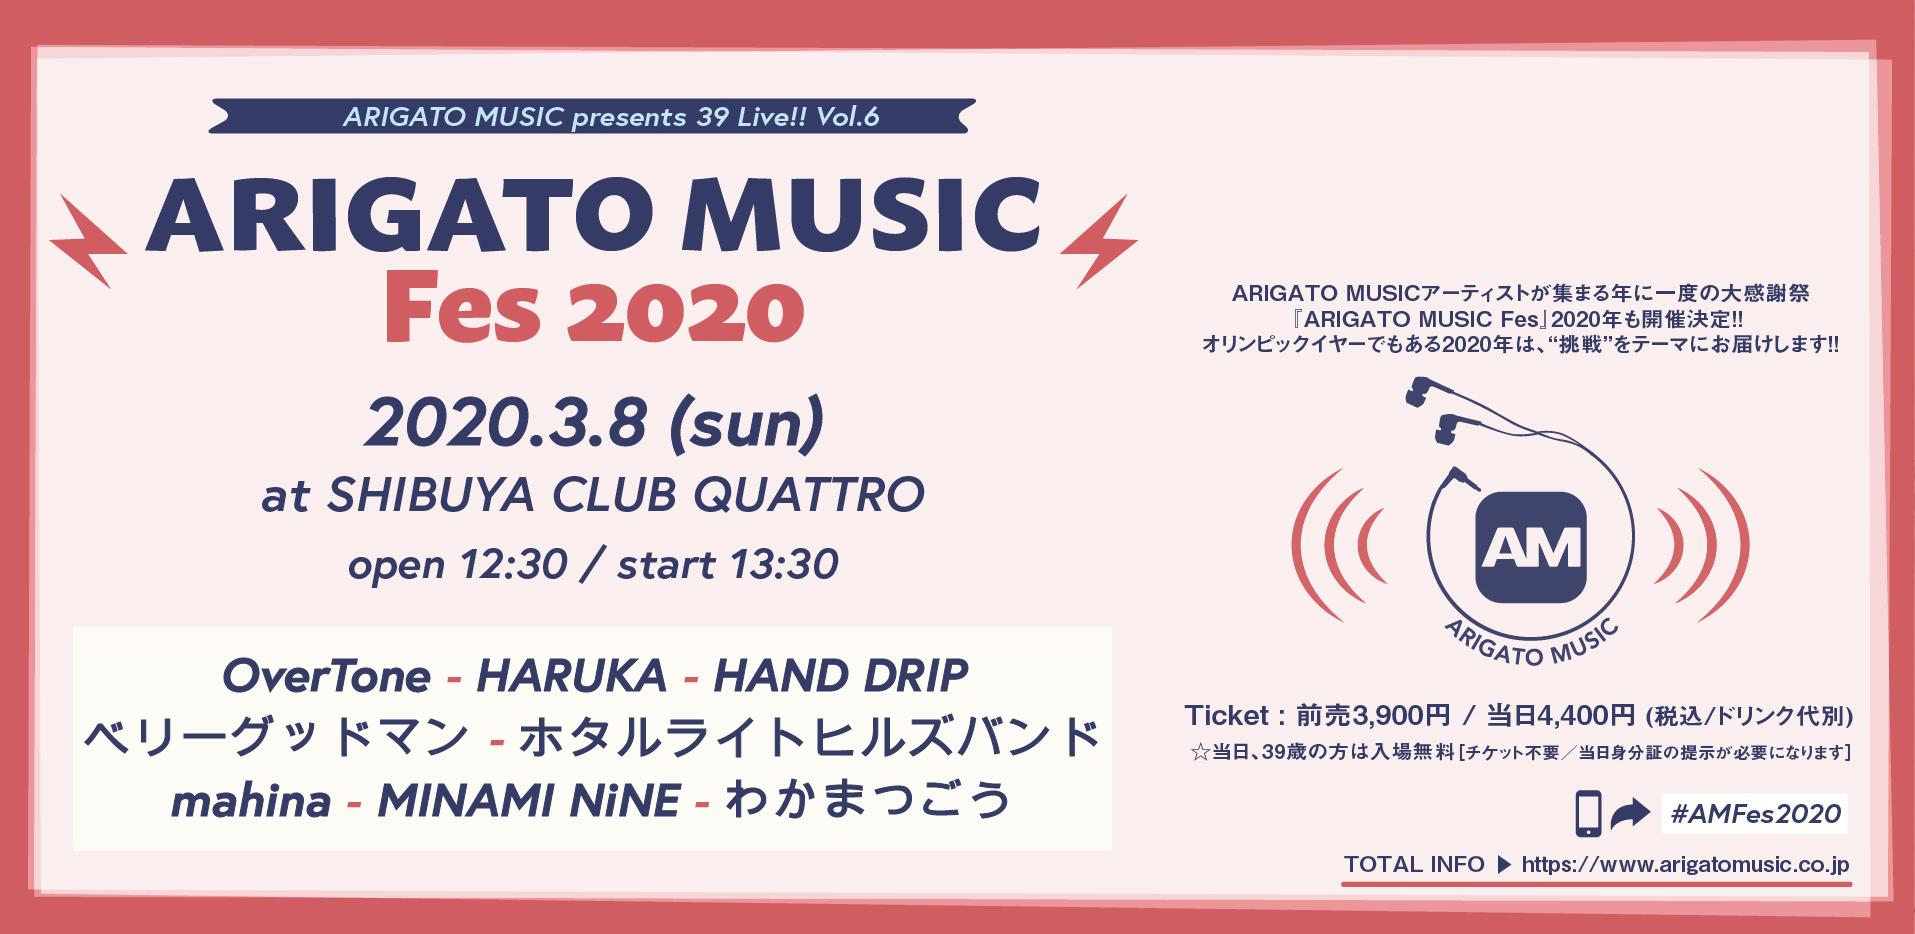 ARIGATO MUSIC presents 39 Live!! Vol.6 -ARIGATO MUSIC Fes 2020-